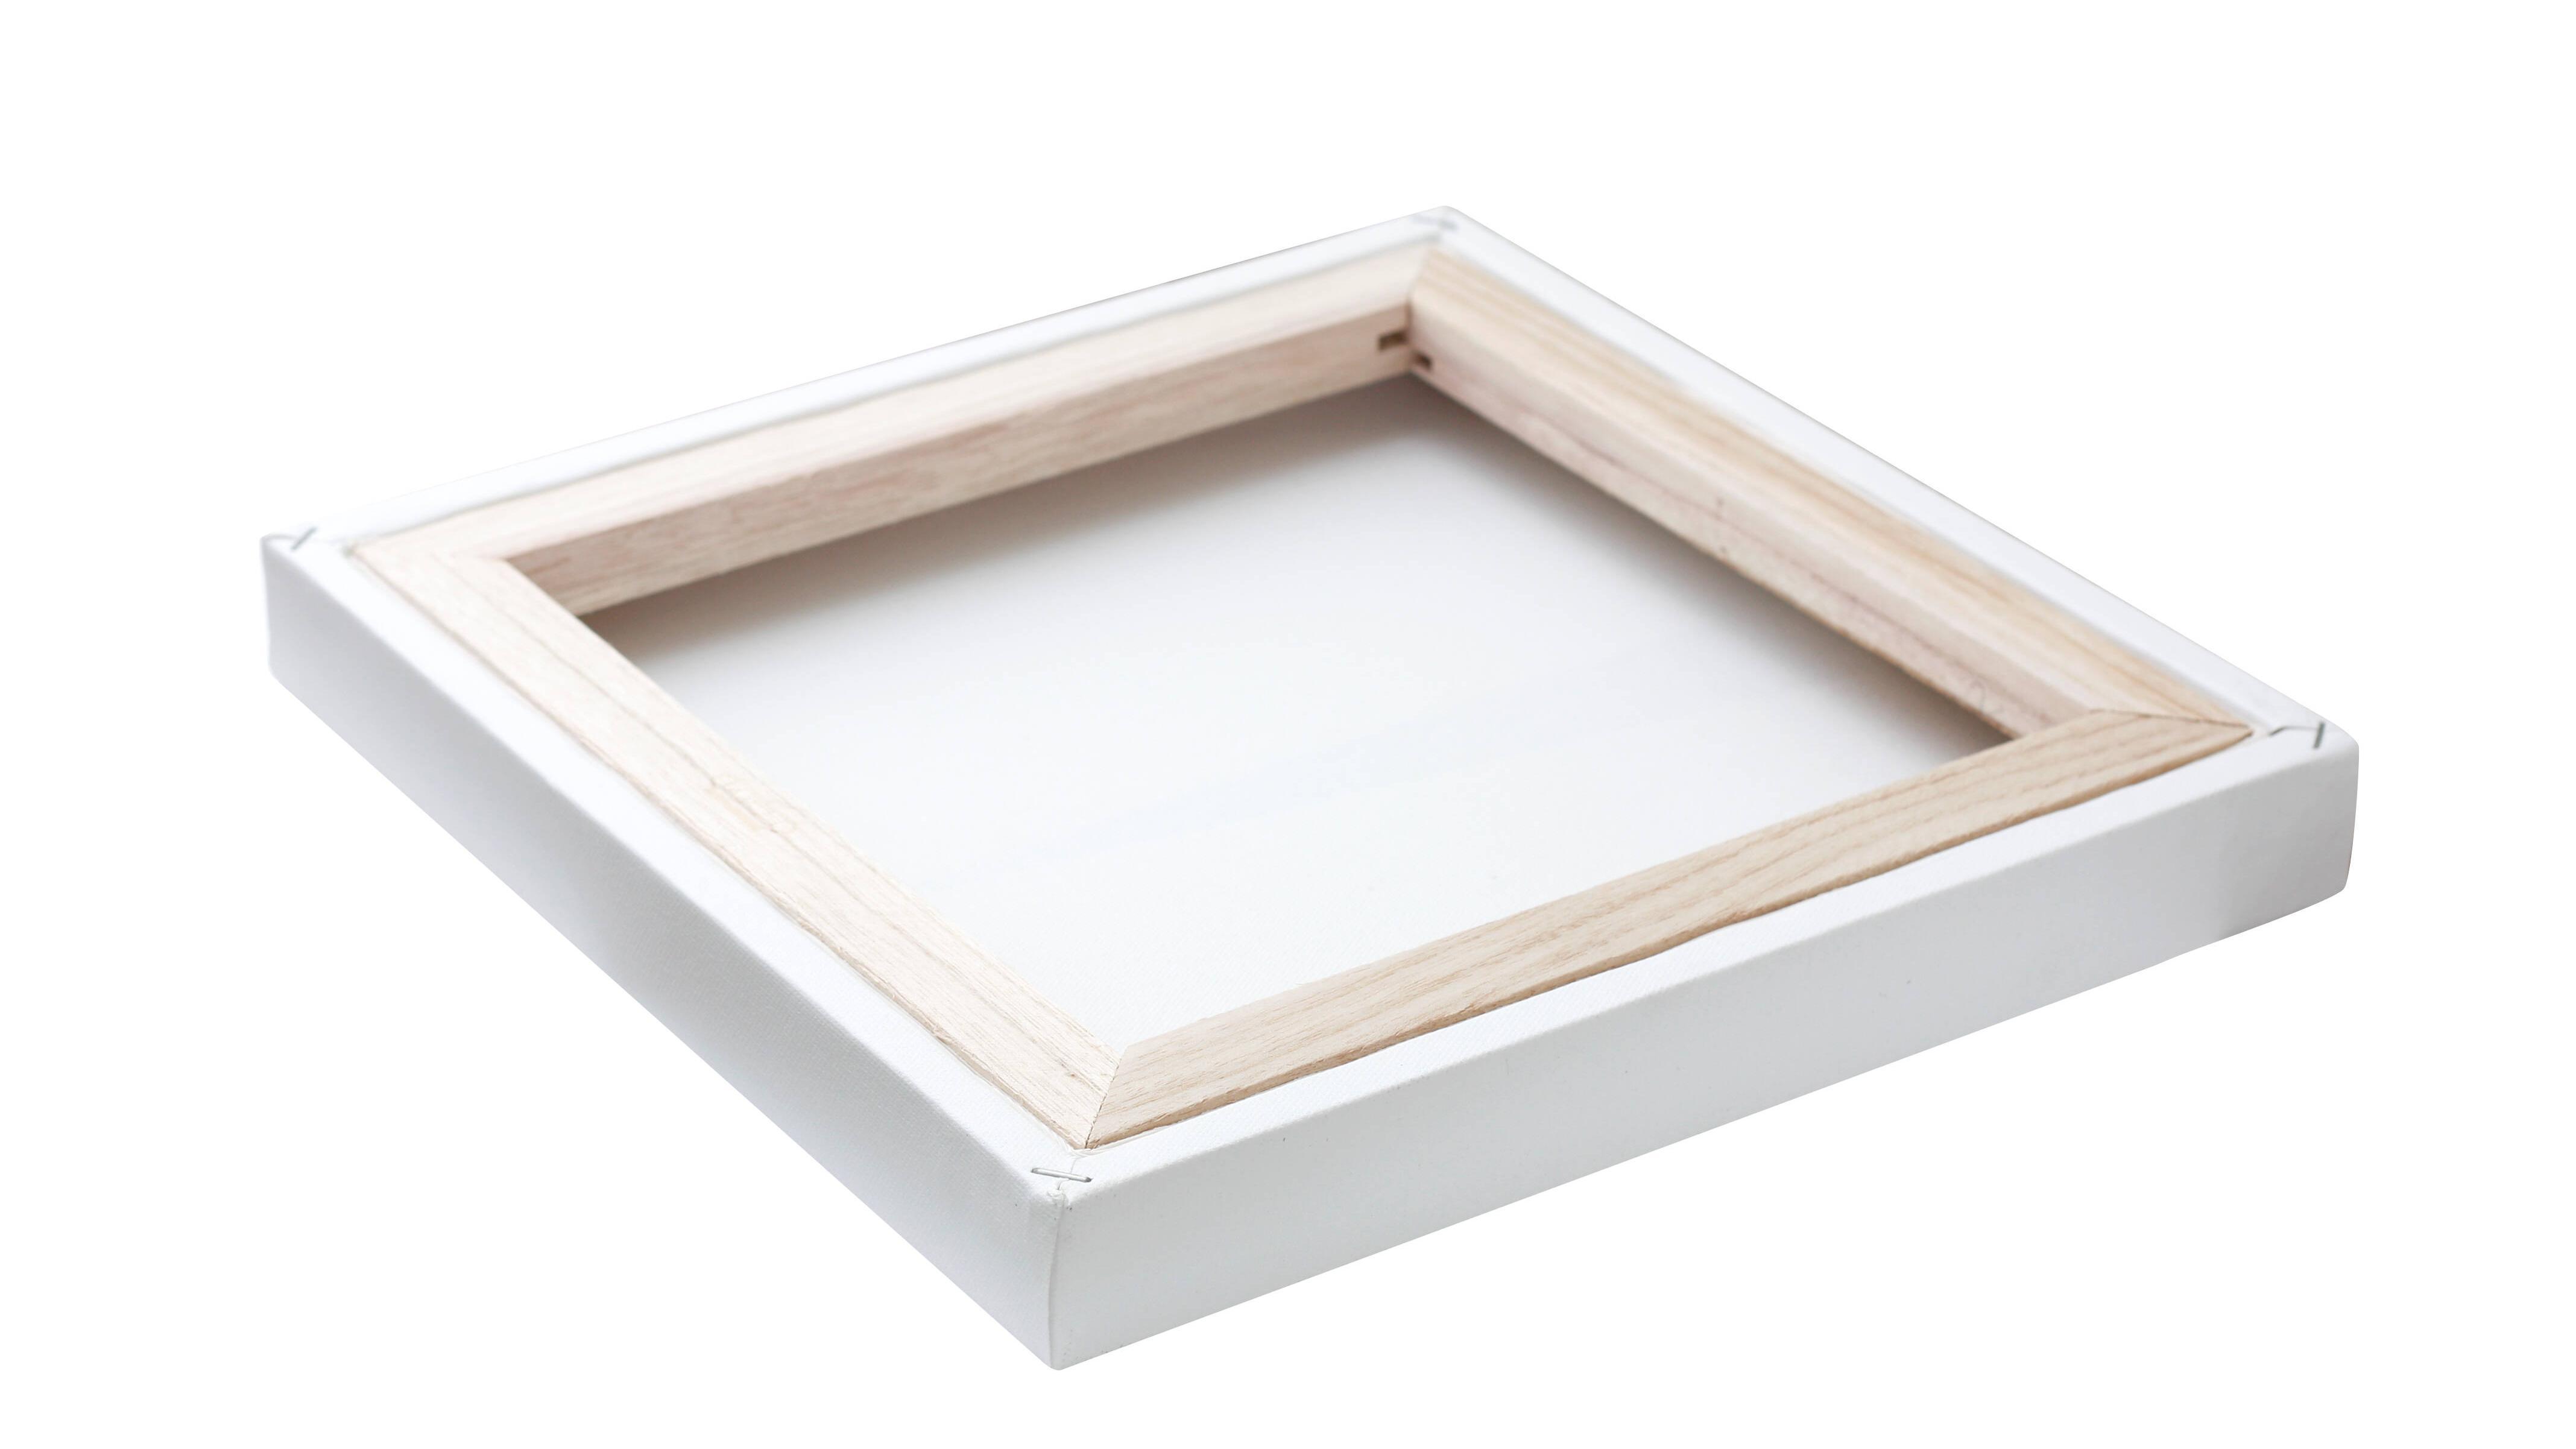 Durch das weiche Holz einer Leinwand können Sie viele Materialien verwenden, um sie aufzuhängen: Nägel, Schrauben oder Klebelaschen.